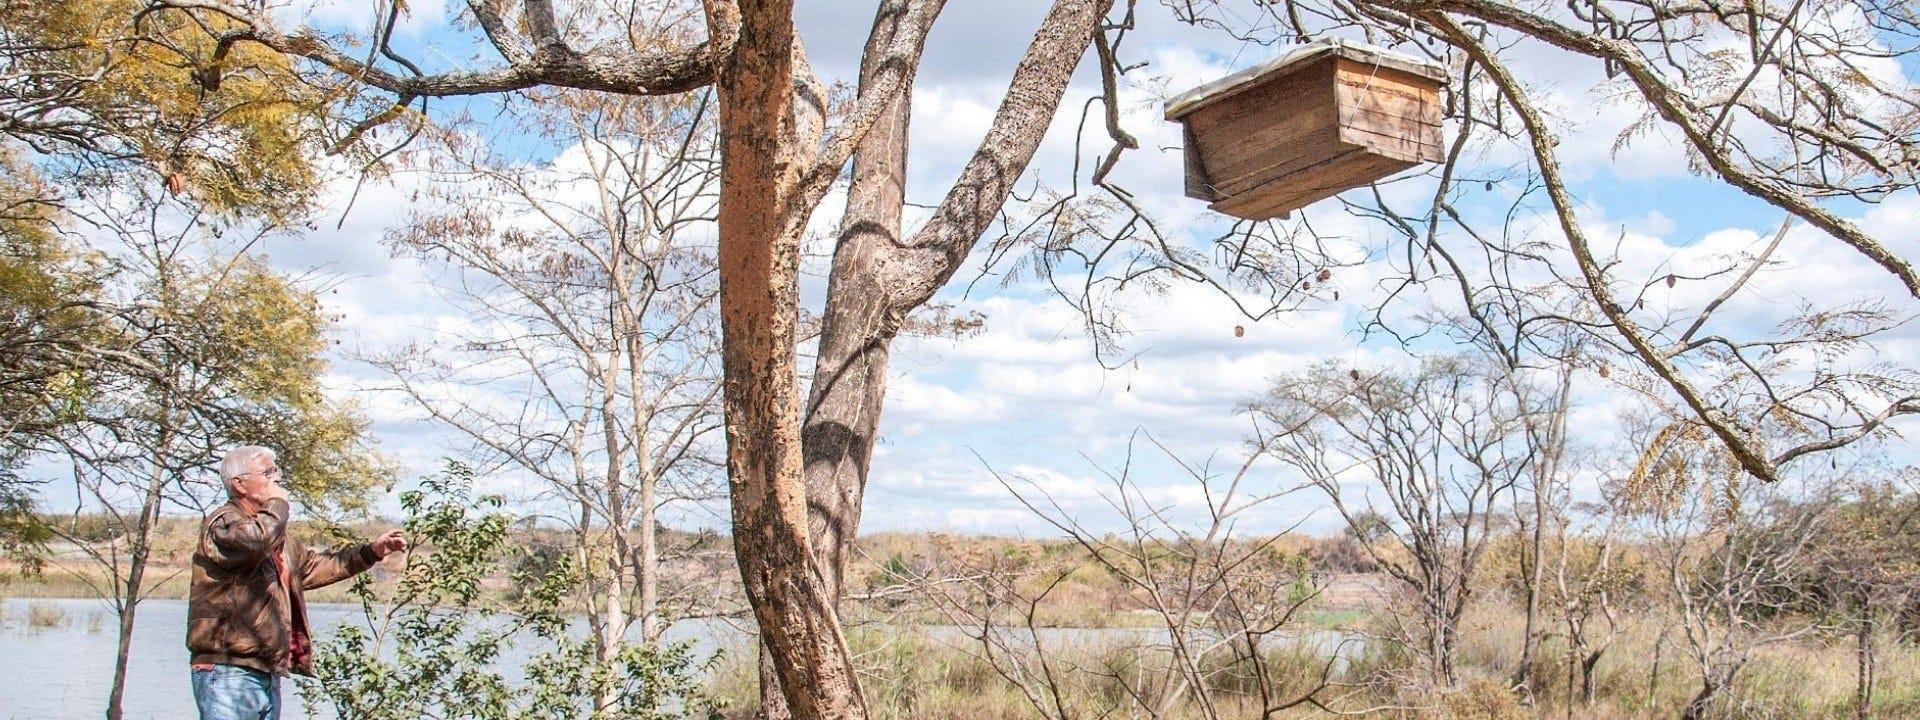 Створений місіонером та філантропом Джоном Енрайтом кооператив Bee Sweet Honey переїхав в Замбію